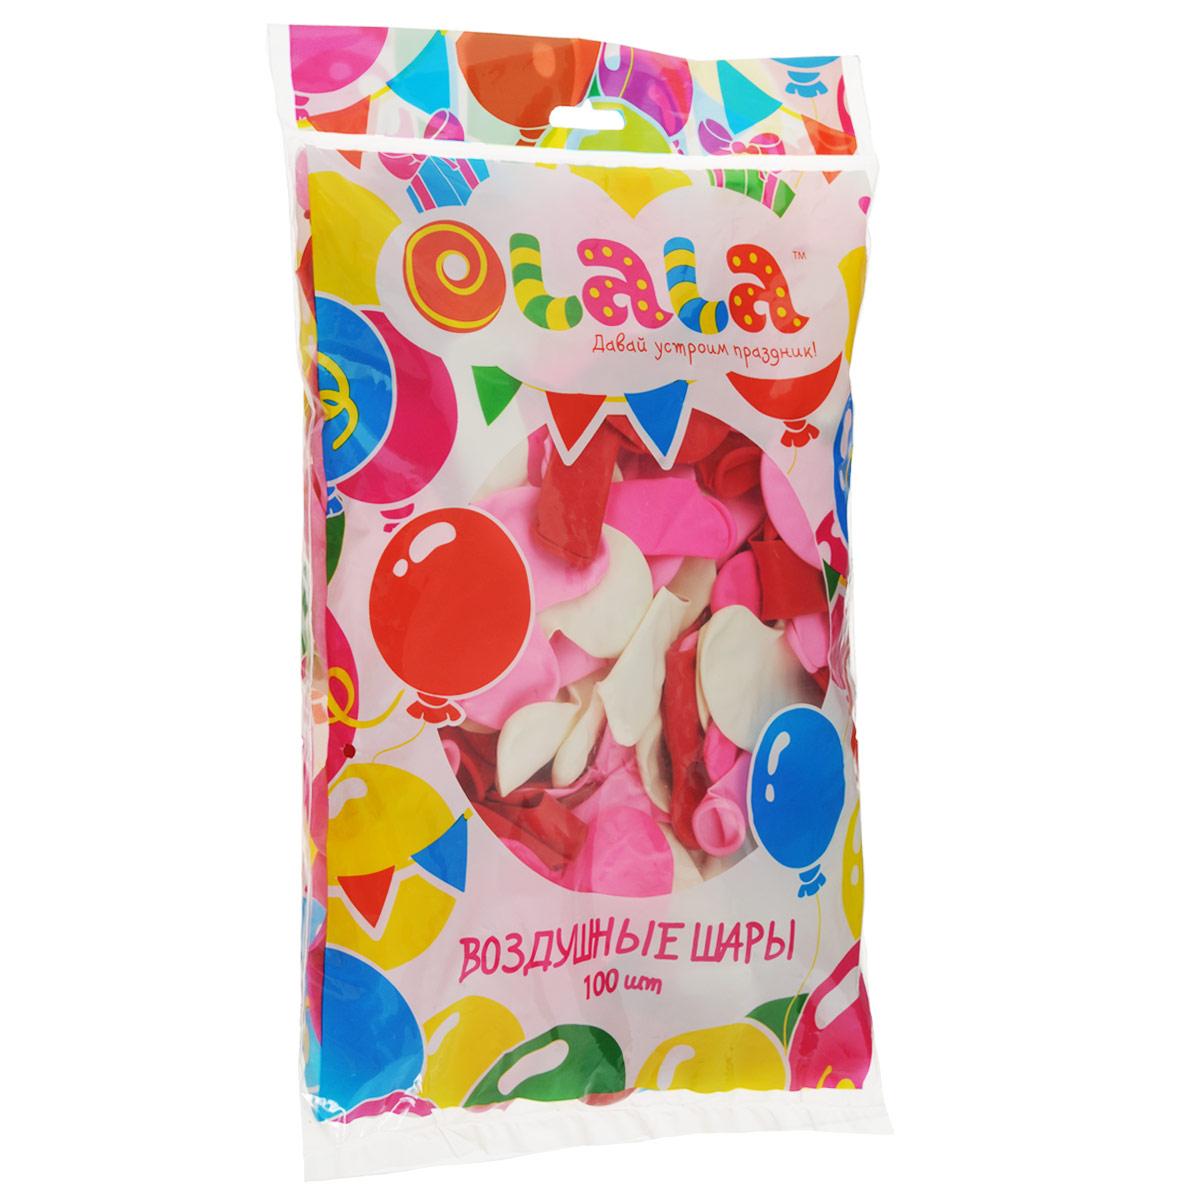 """Набор воздушных шаров """"Olala"""", 100 шт"""